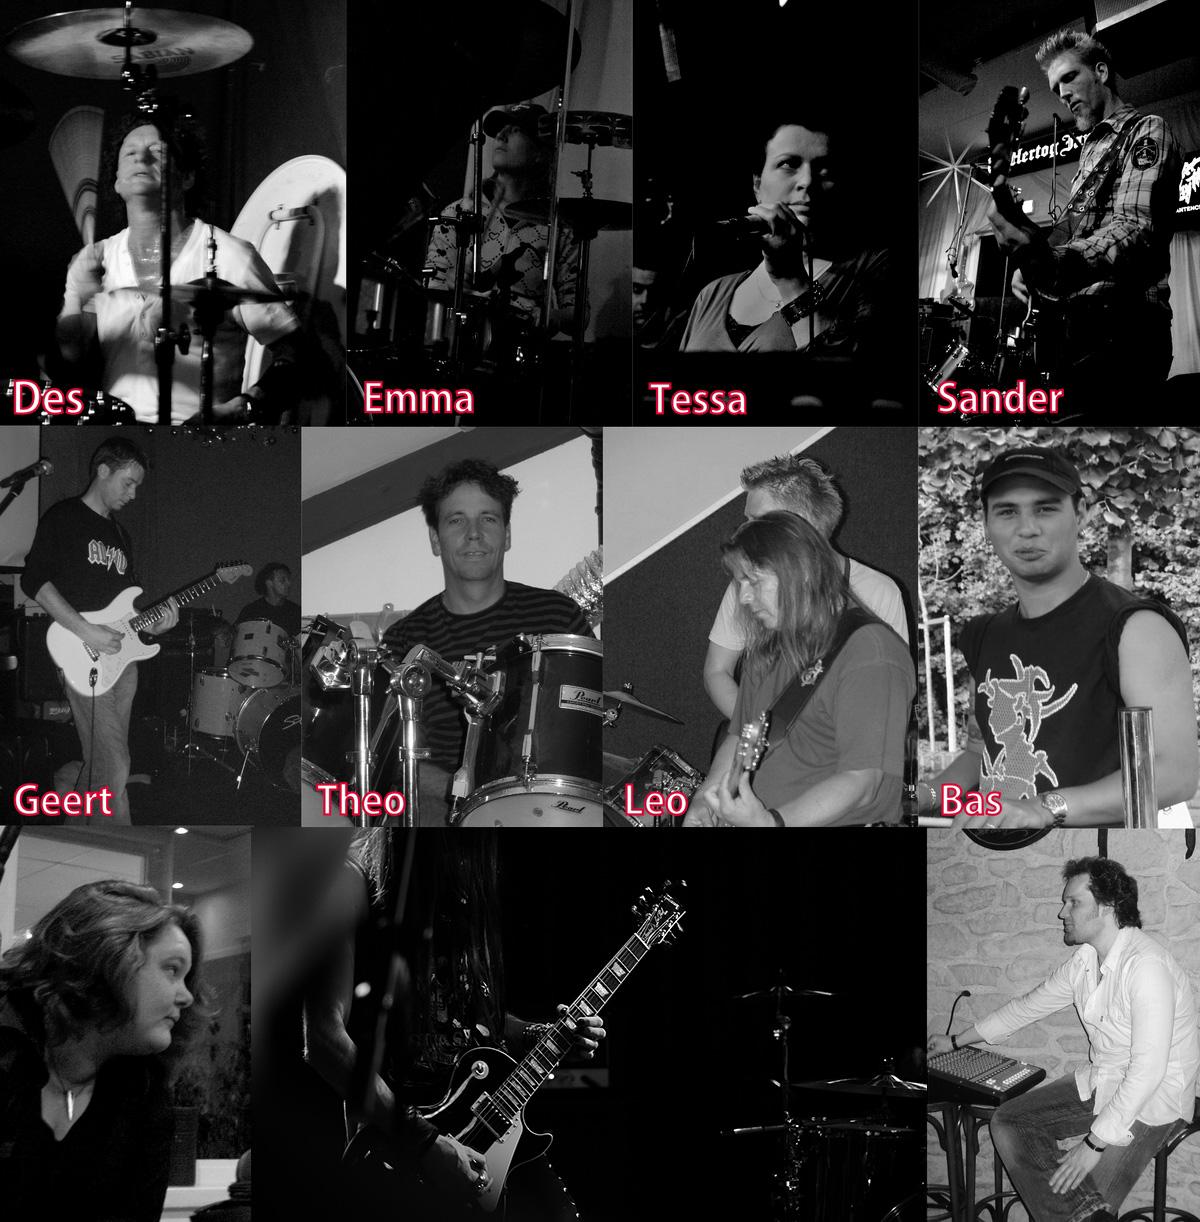 oude bandleden mugshot